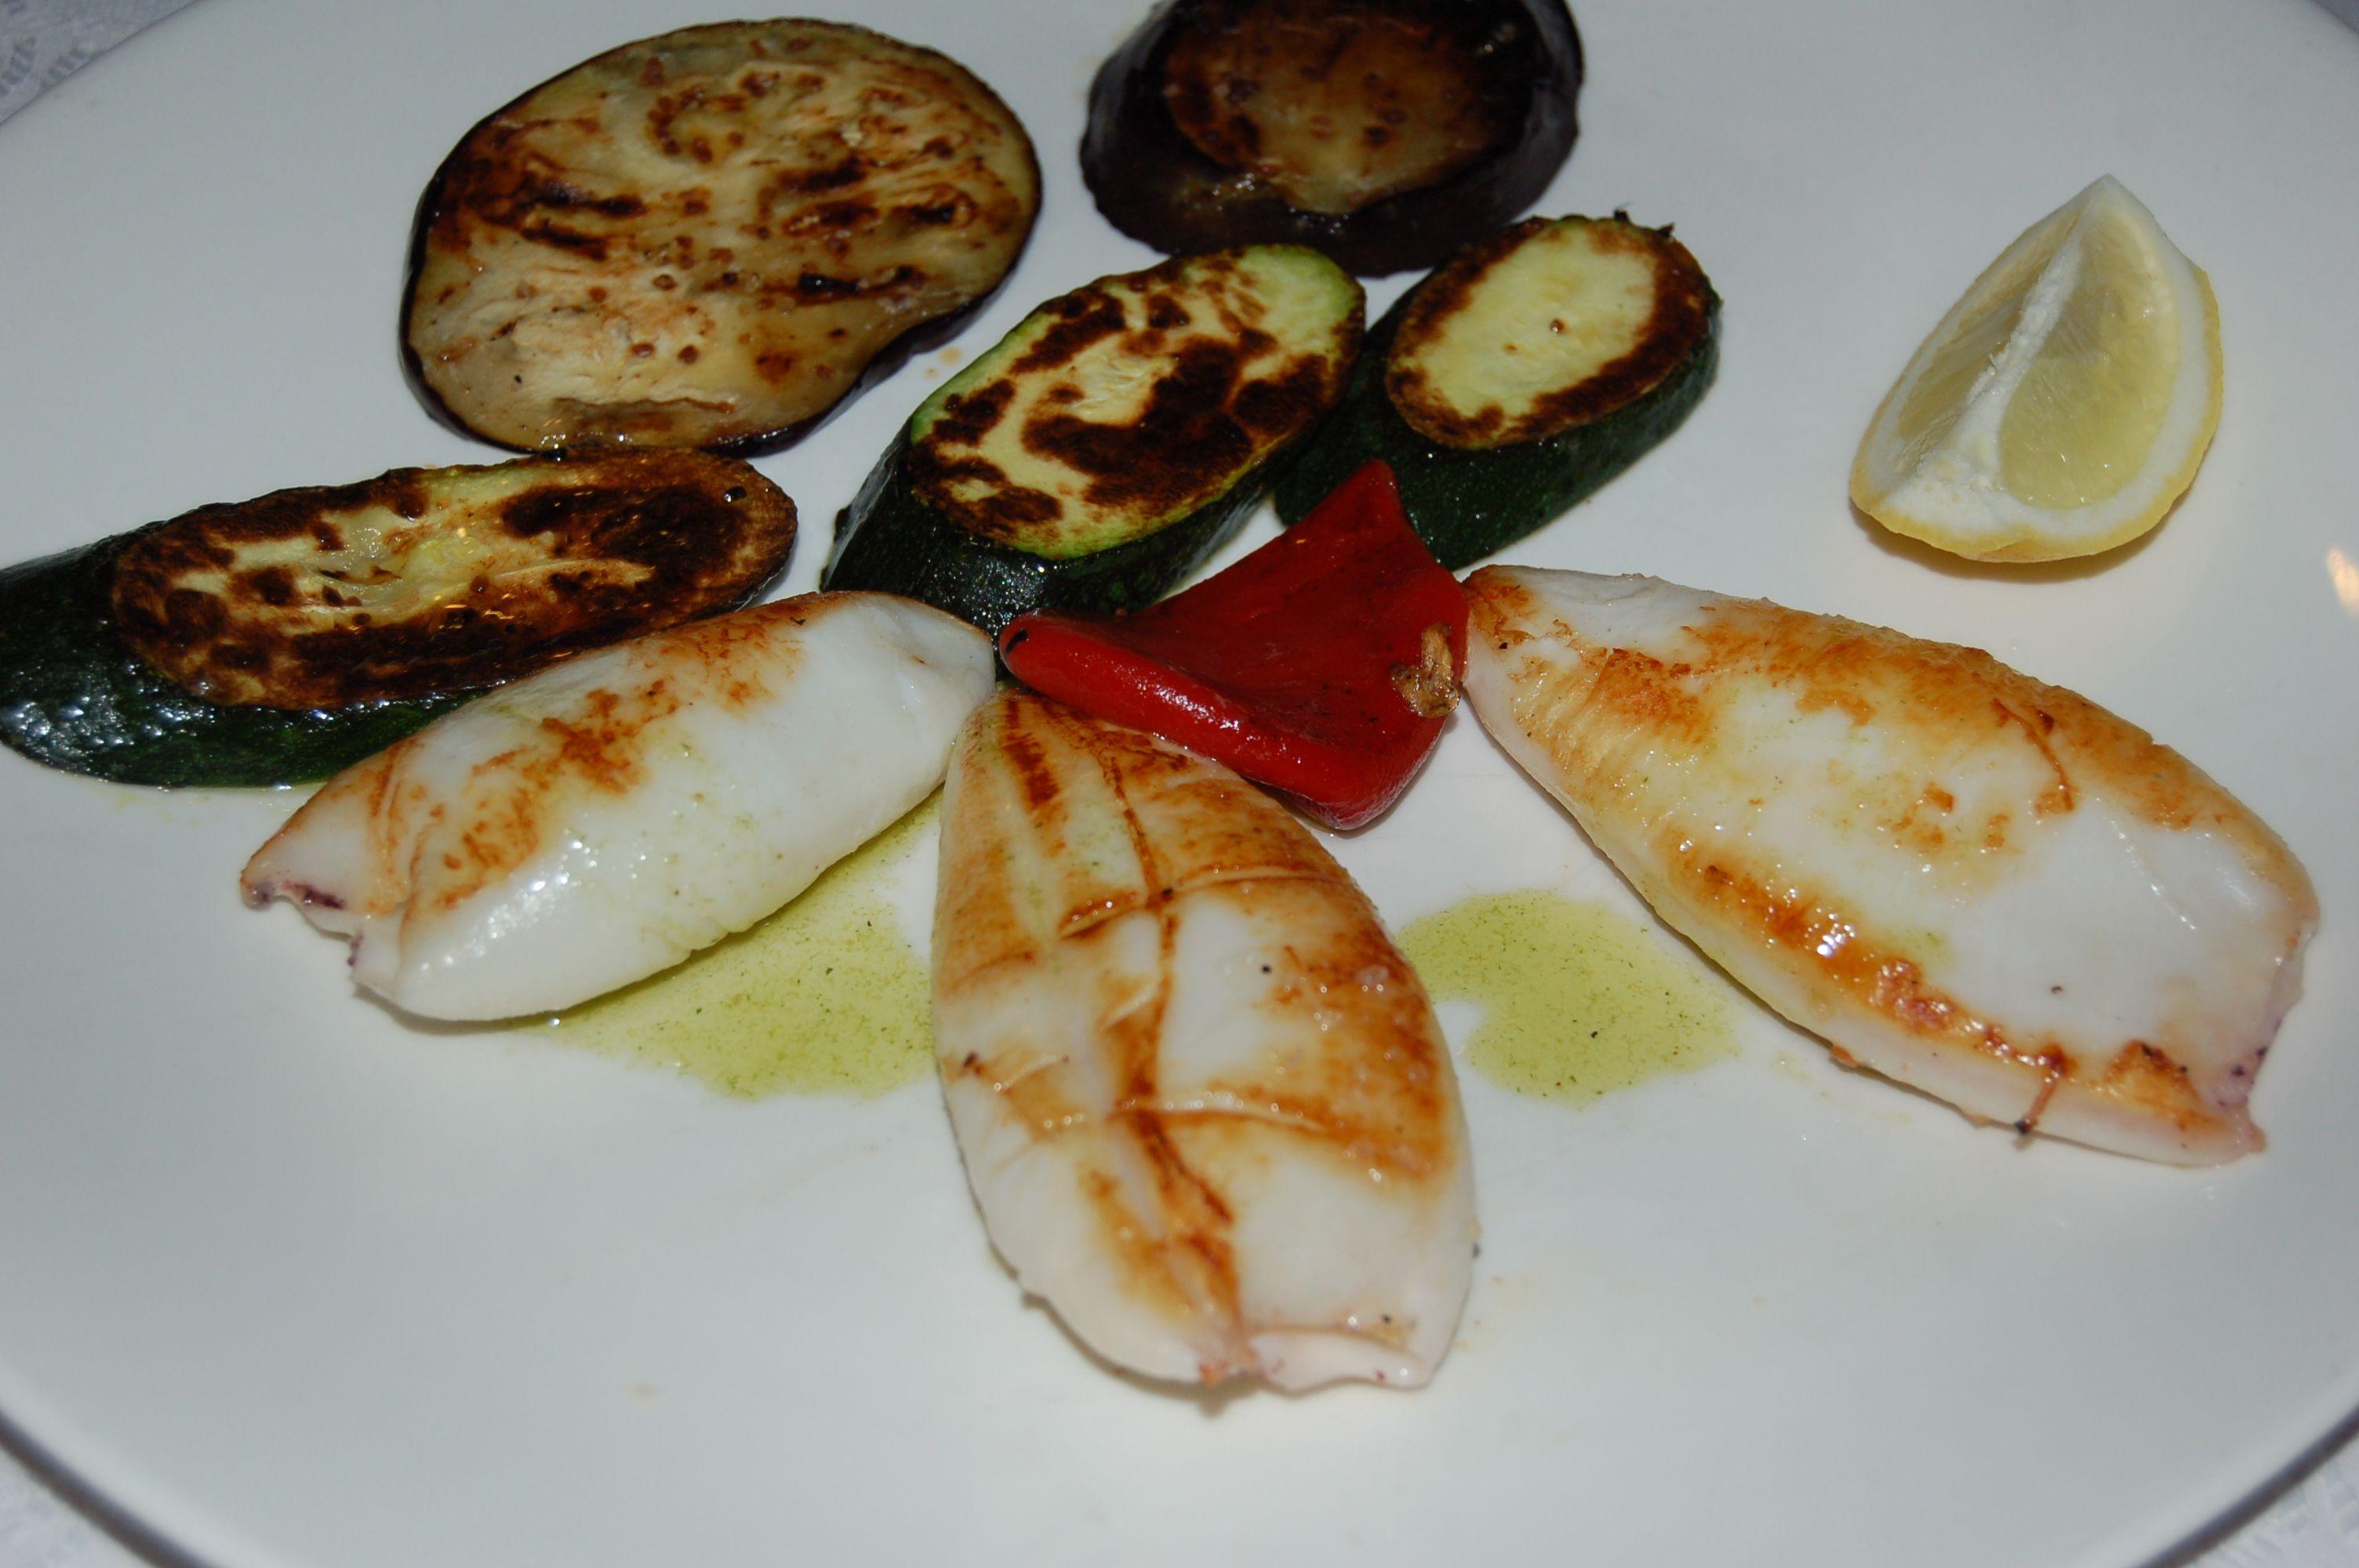 Calamares a la plancha en Lorret de Mar - Restaurante Cantarradas